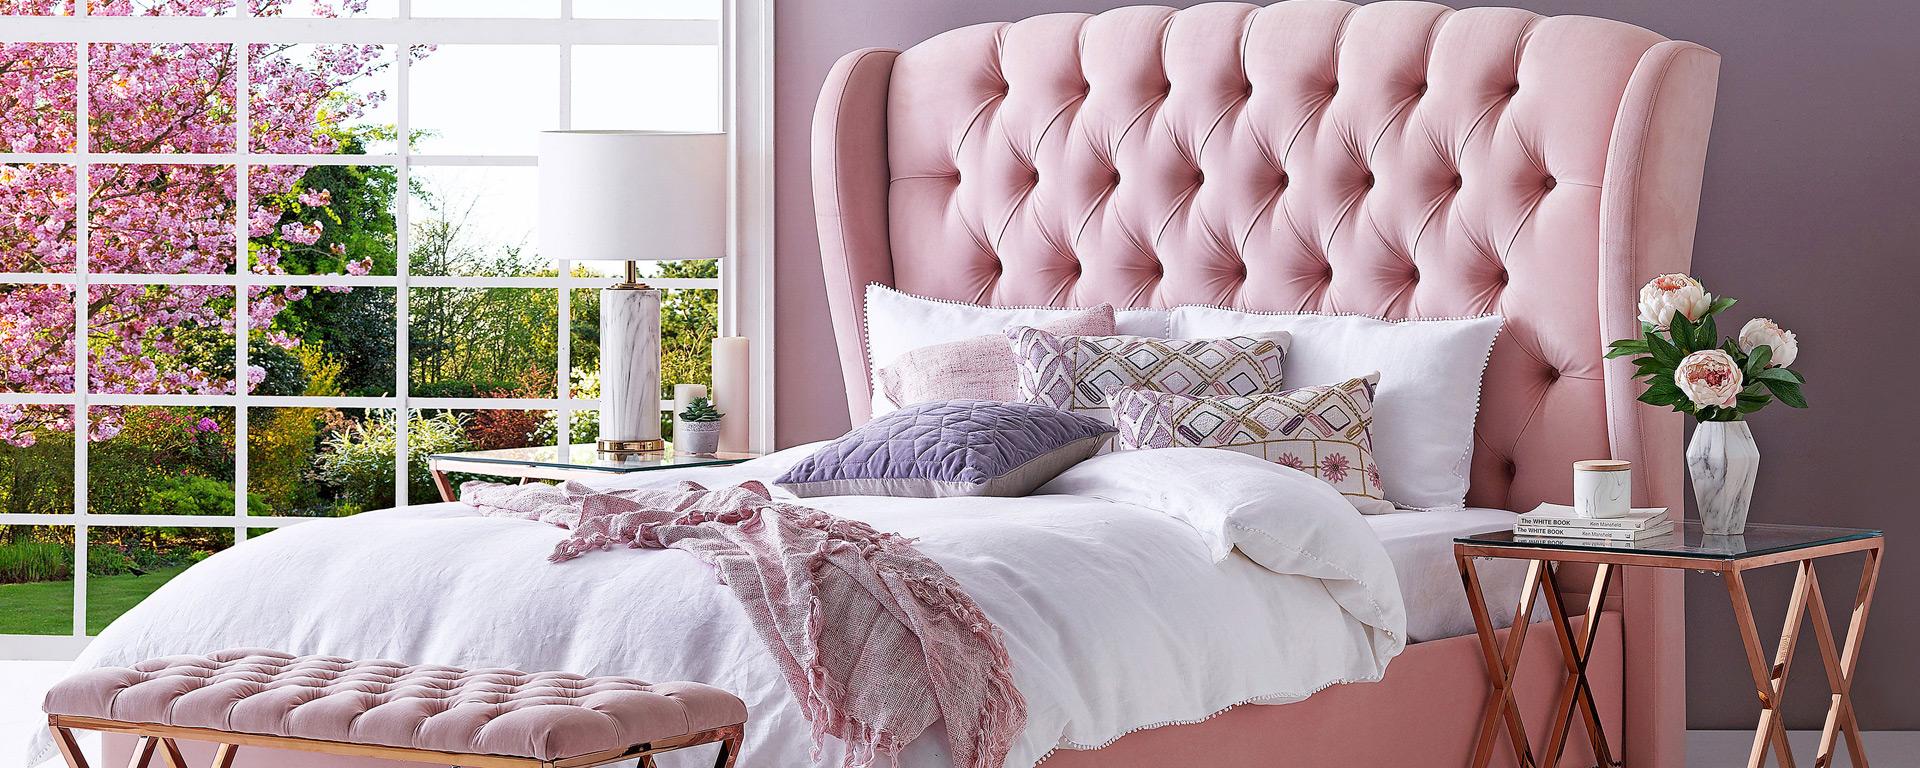 Insta-Worthy-Bedroom